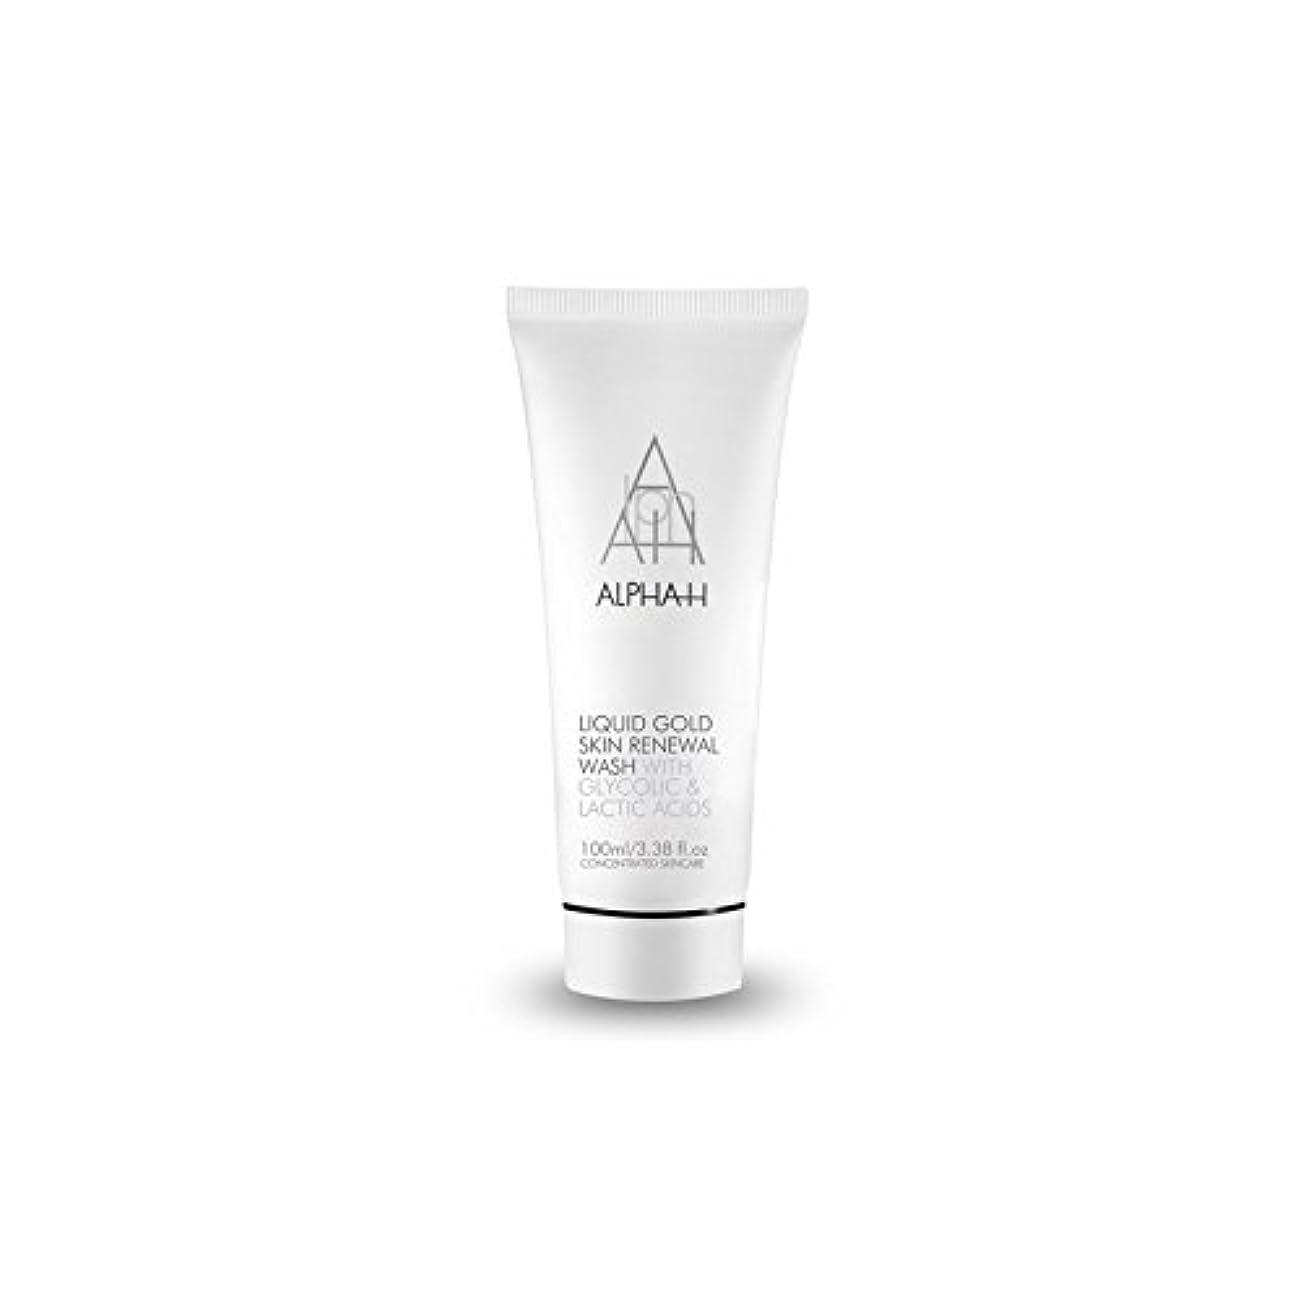 メキシコ市民権効能Alpha H Gold Skin Renewal Wash (100ml) - アルファのゴールドスキンリニューアルウォッシュ(100ミリリットル) [並行輸入品]